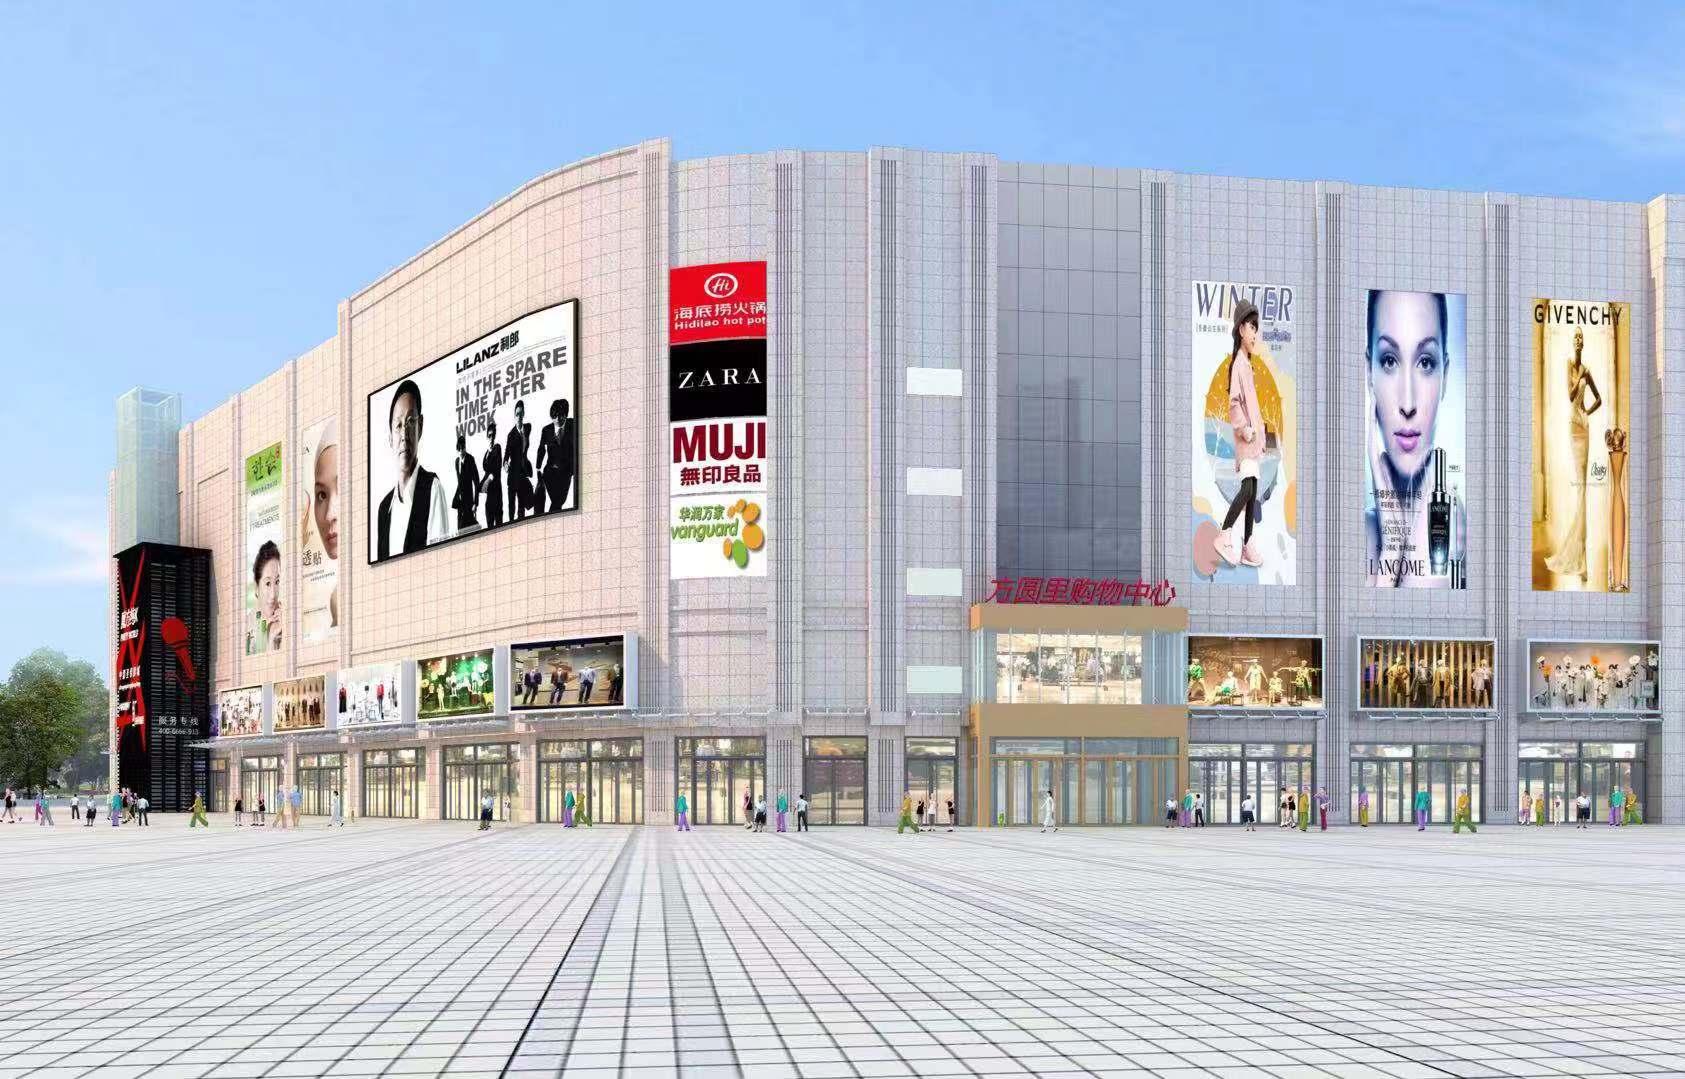 西安华夏幸福里购物广场